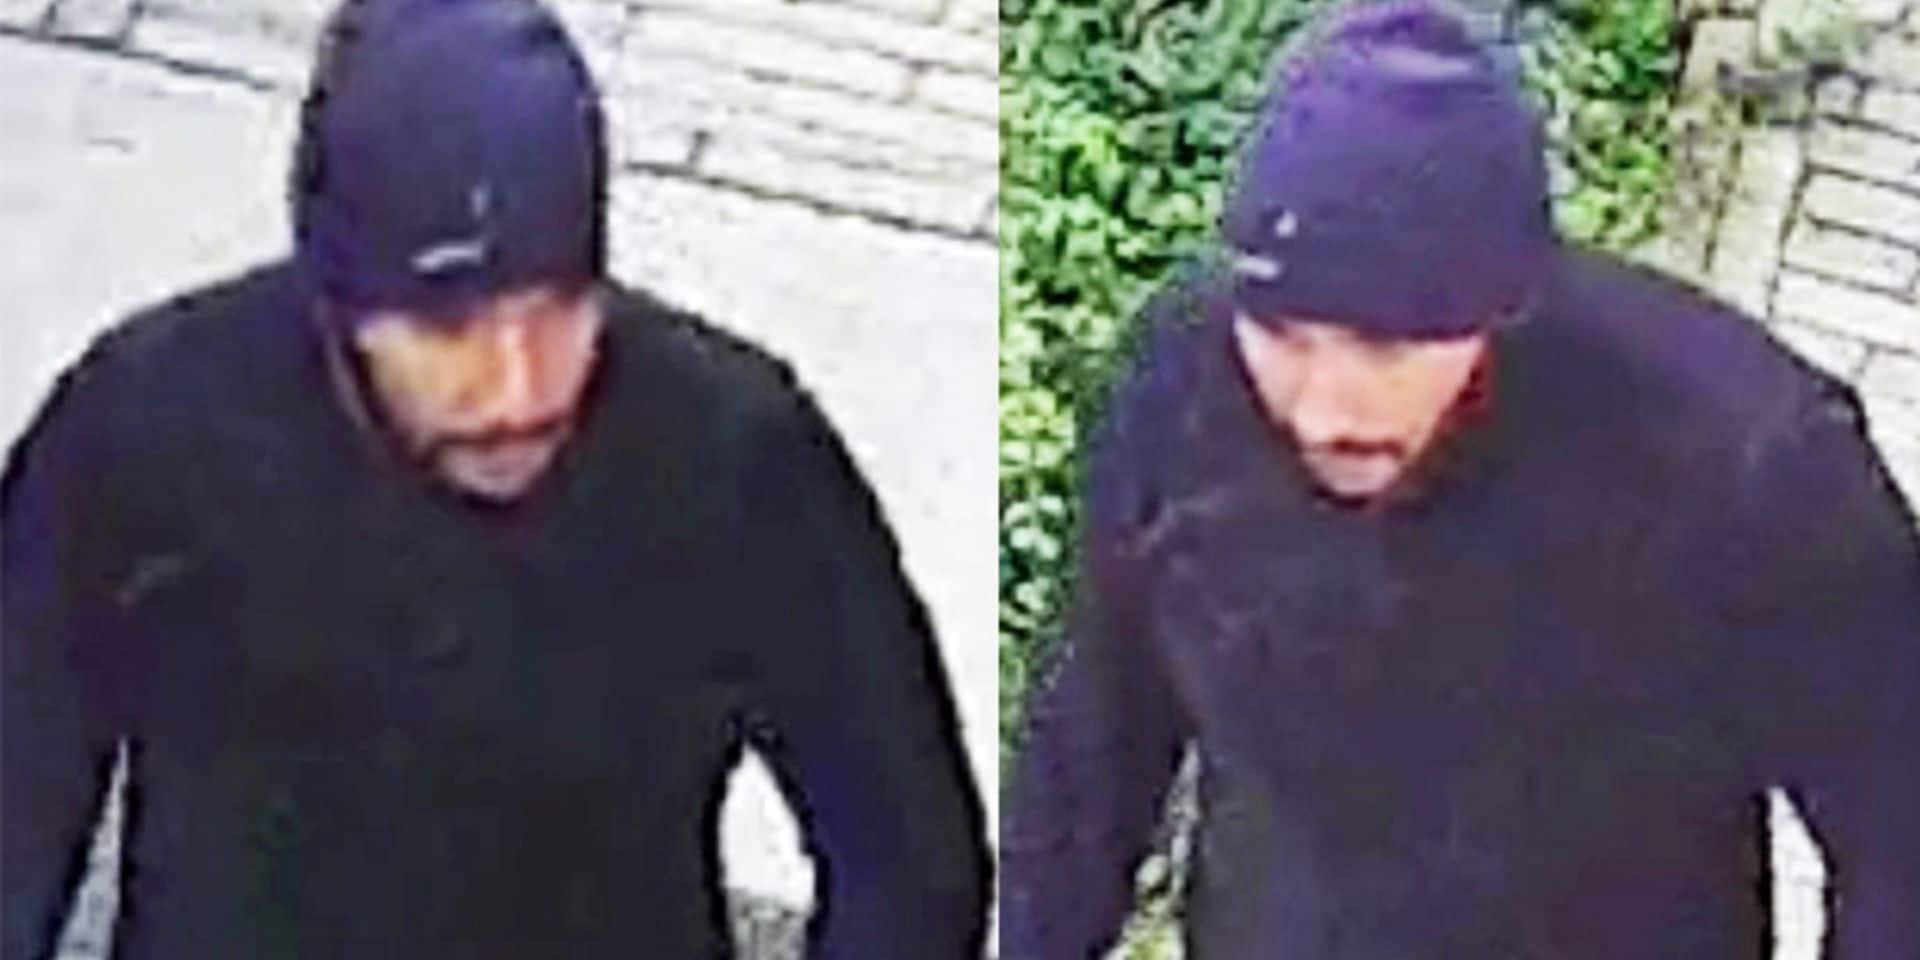 Arrestation d'un suspect d'une série de cambriolages et home invasions au sud de Bruxelles